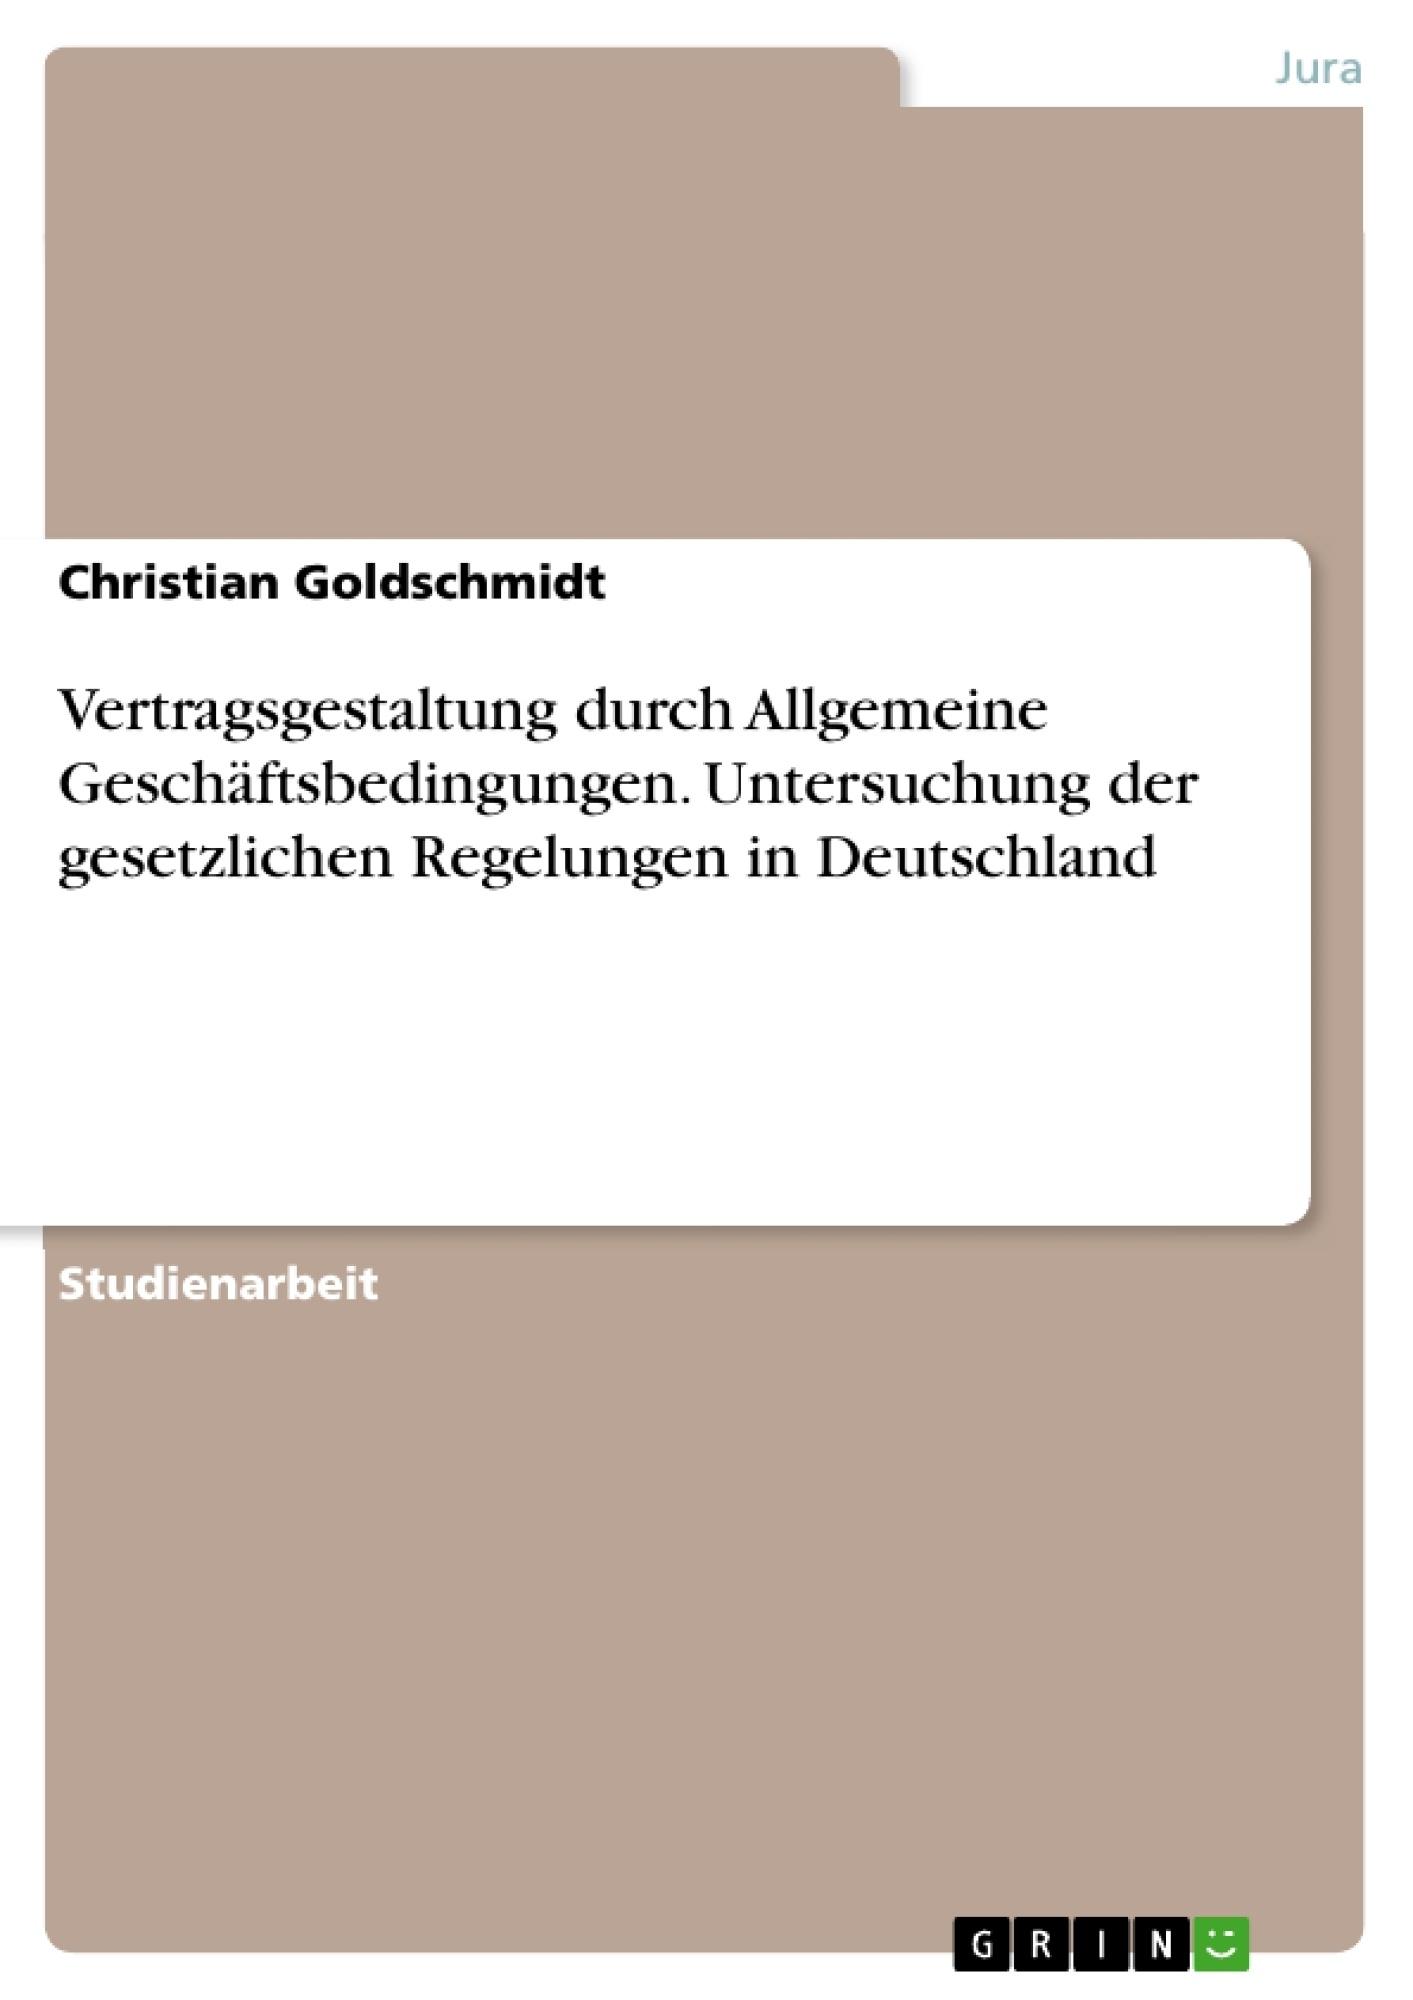 Titel: Vertragsgestaltung durch Allgemeine Geschäftsbedingungen. Untersuchung der gesetzlichen Regelungen in Deutschland